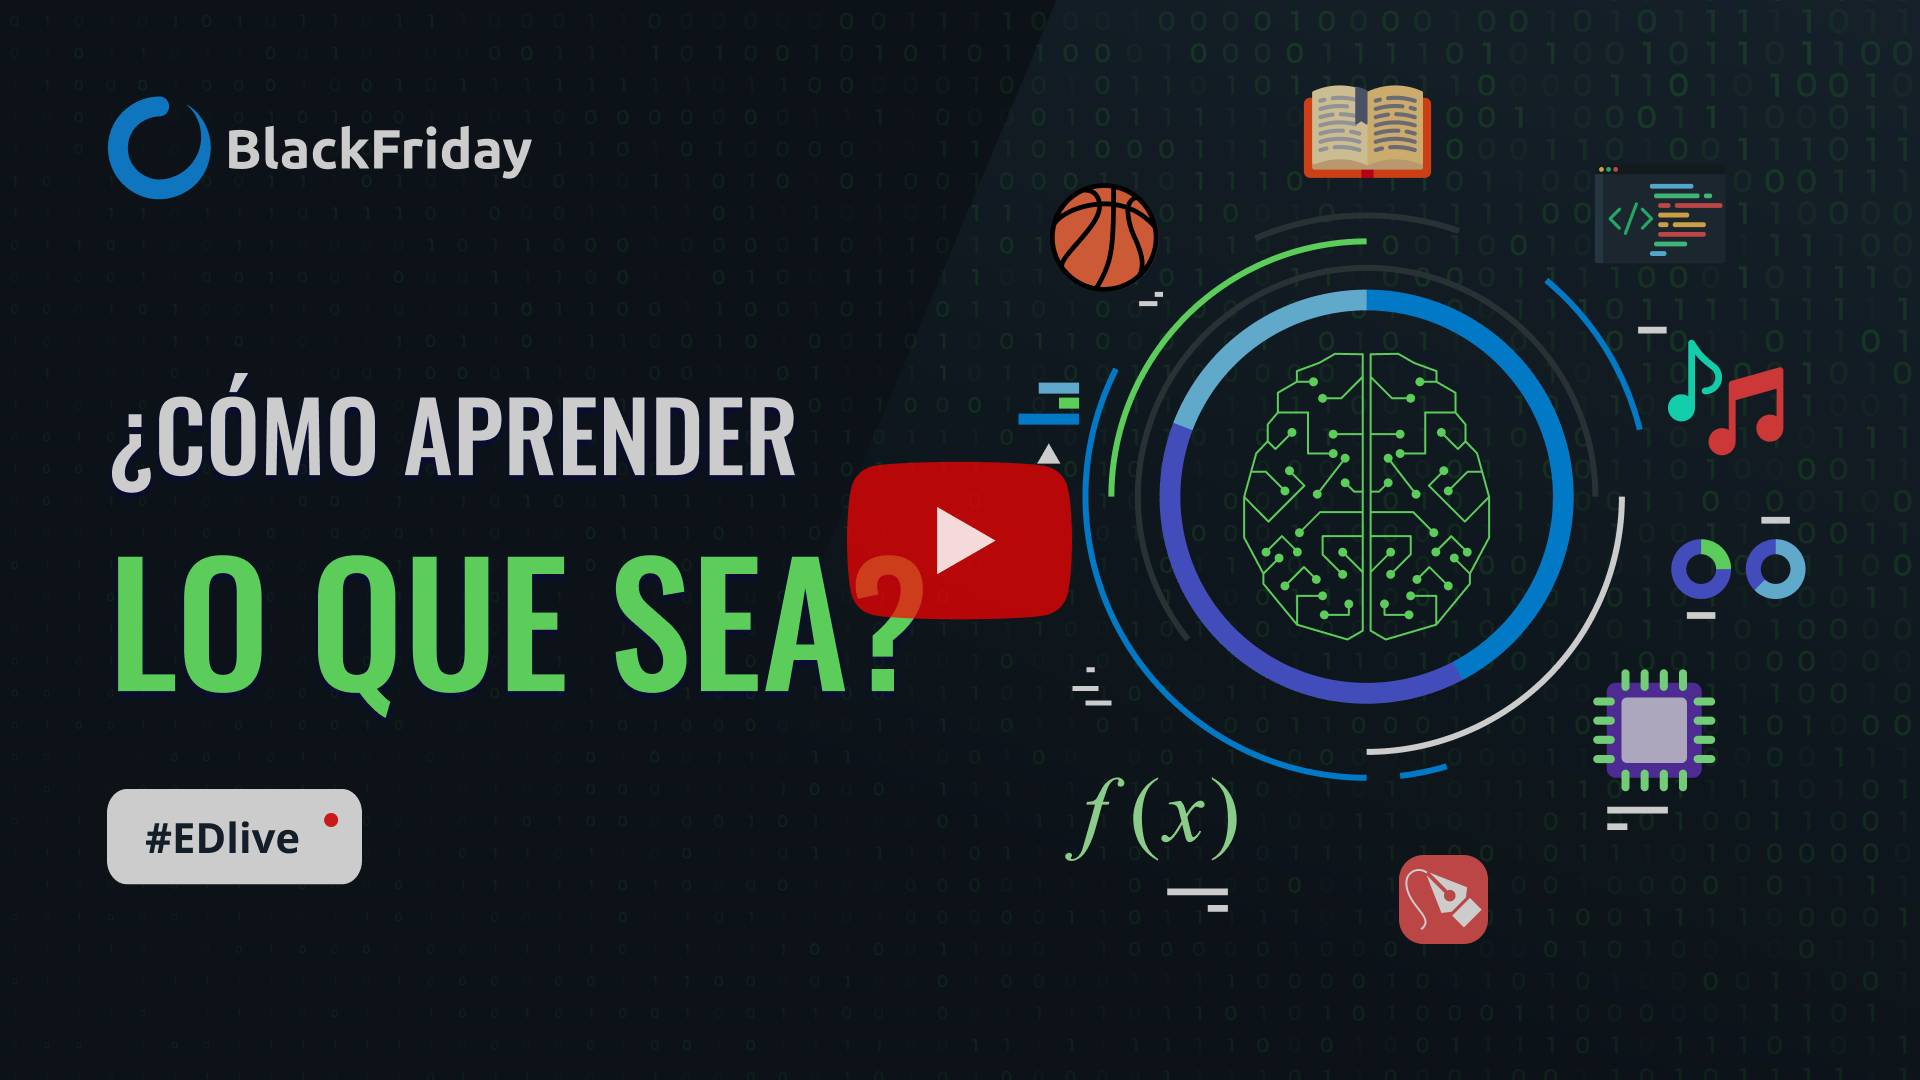 Video: ¿Cómo aprender lo que sea?